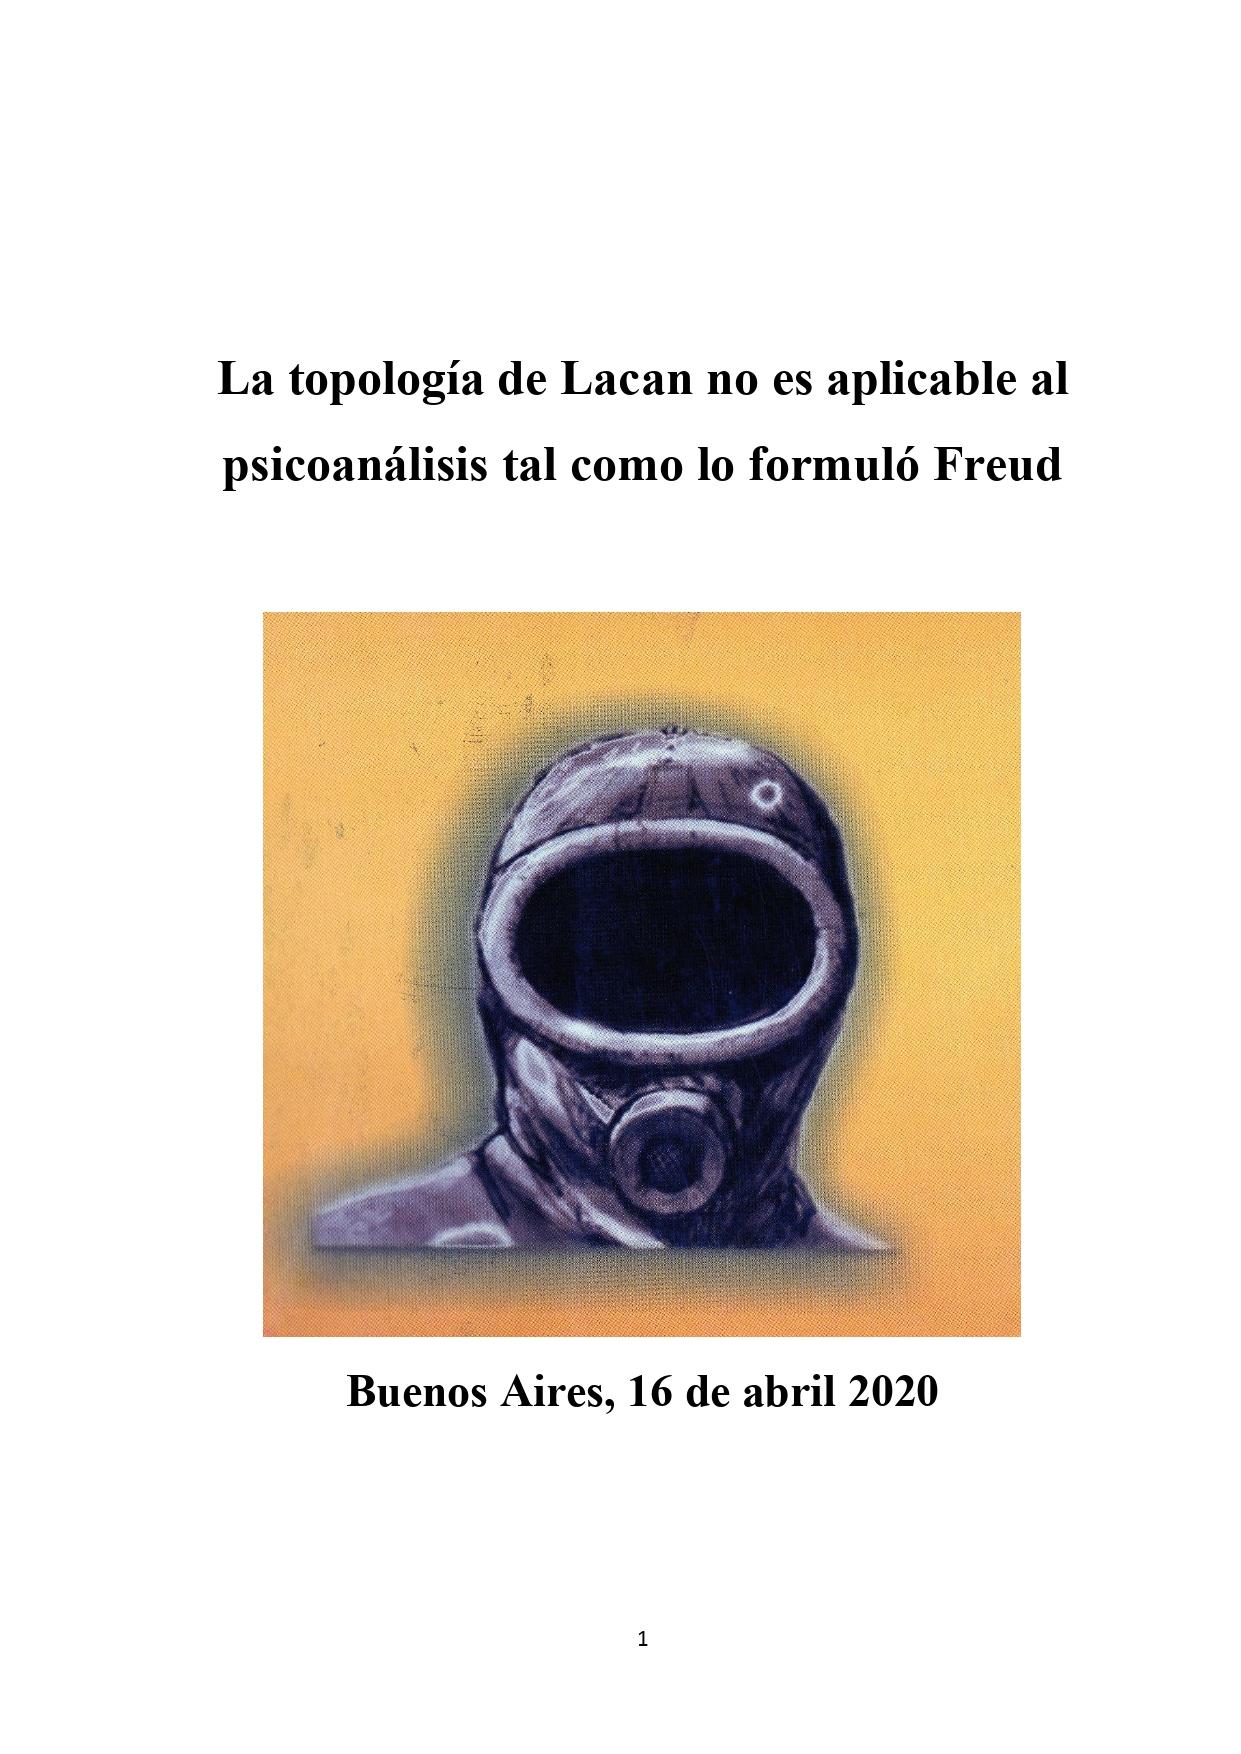 101_La topología de Lacan APOLa 16-4-2020 B (1)_page-0001